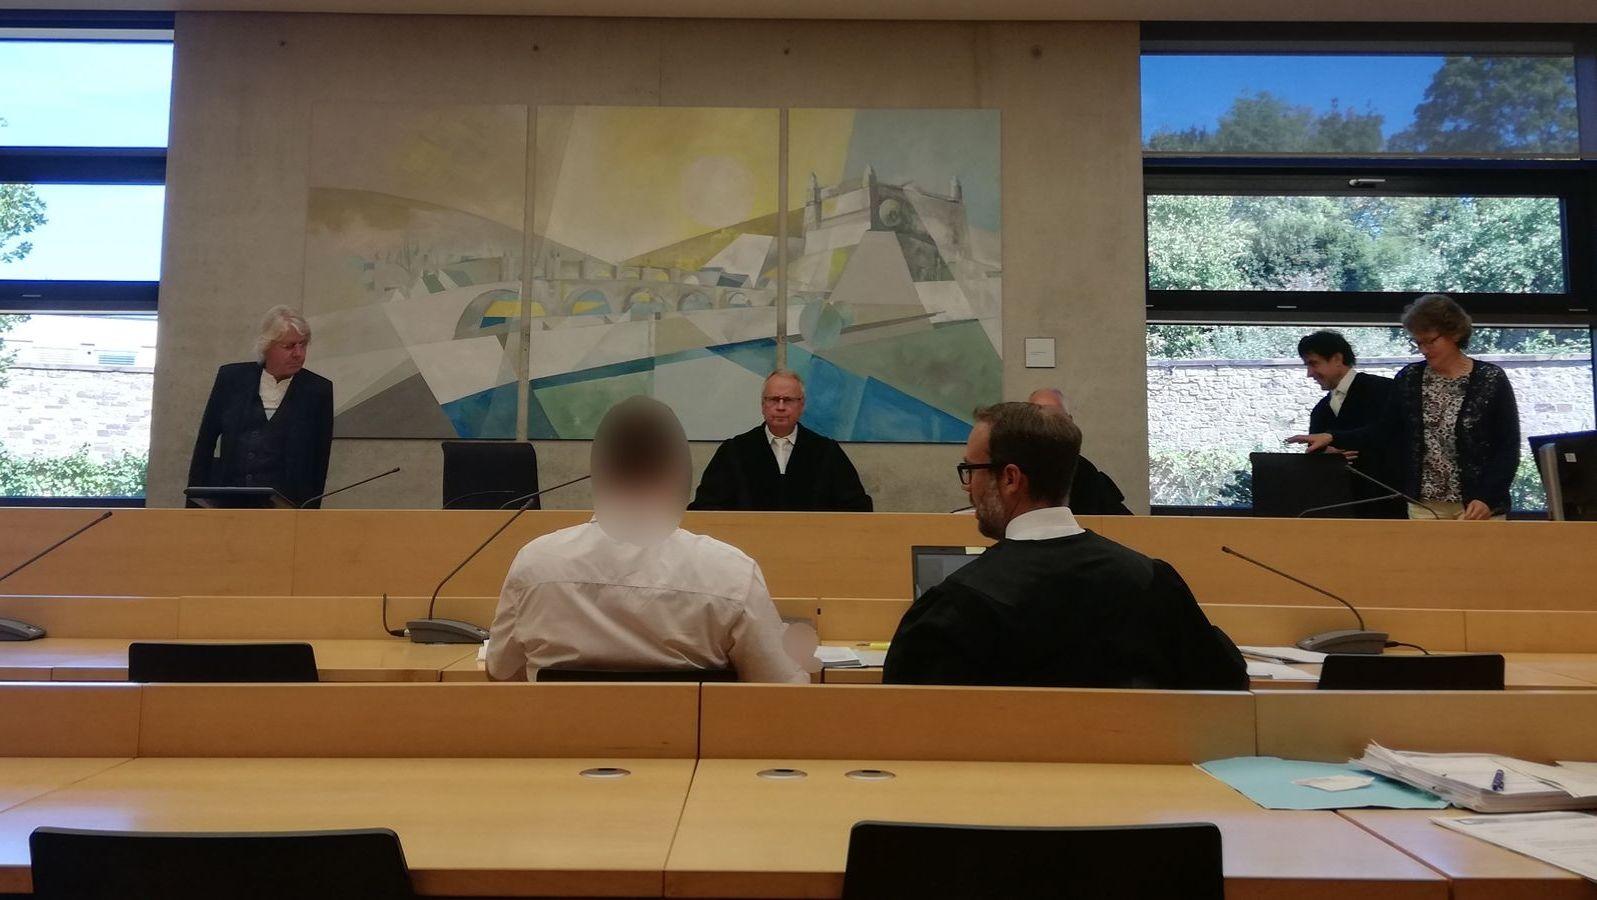 Mehrere Personen in einem Gerichtssaal.